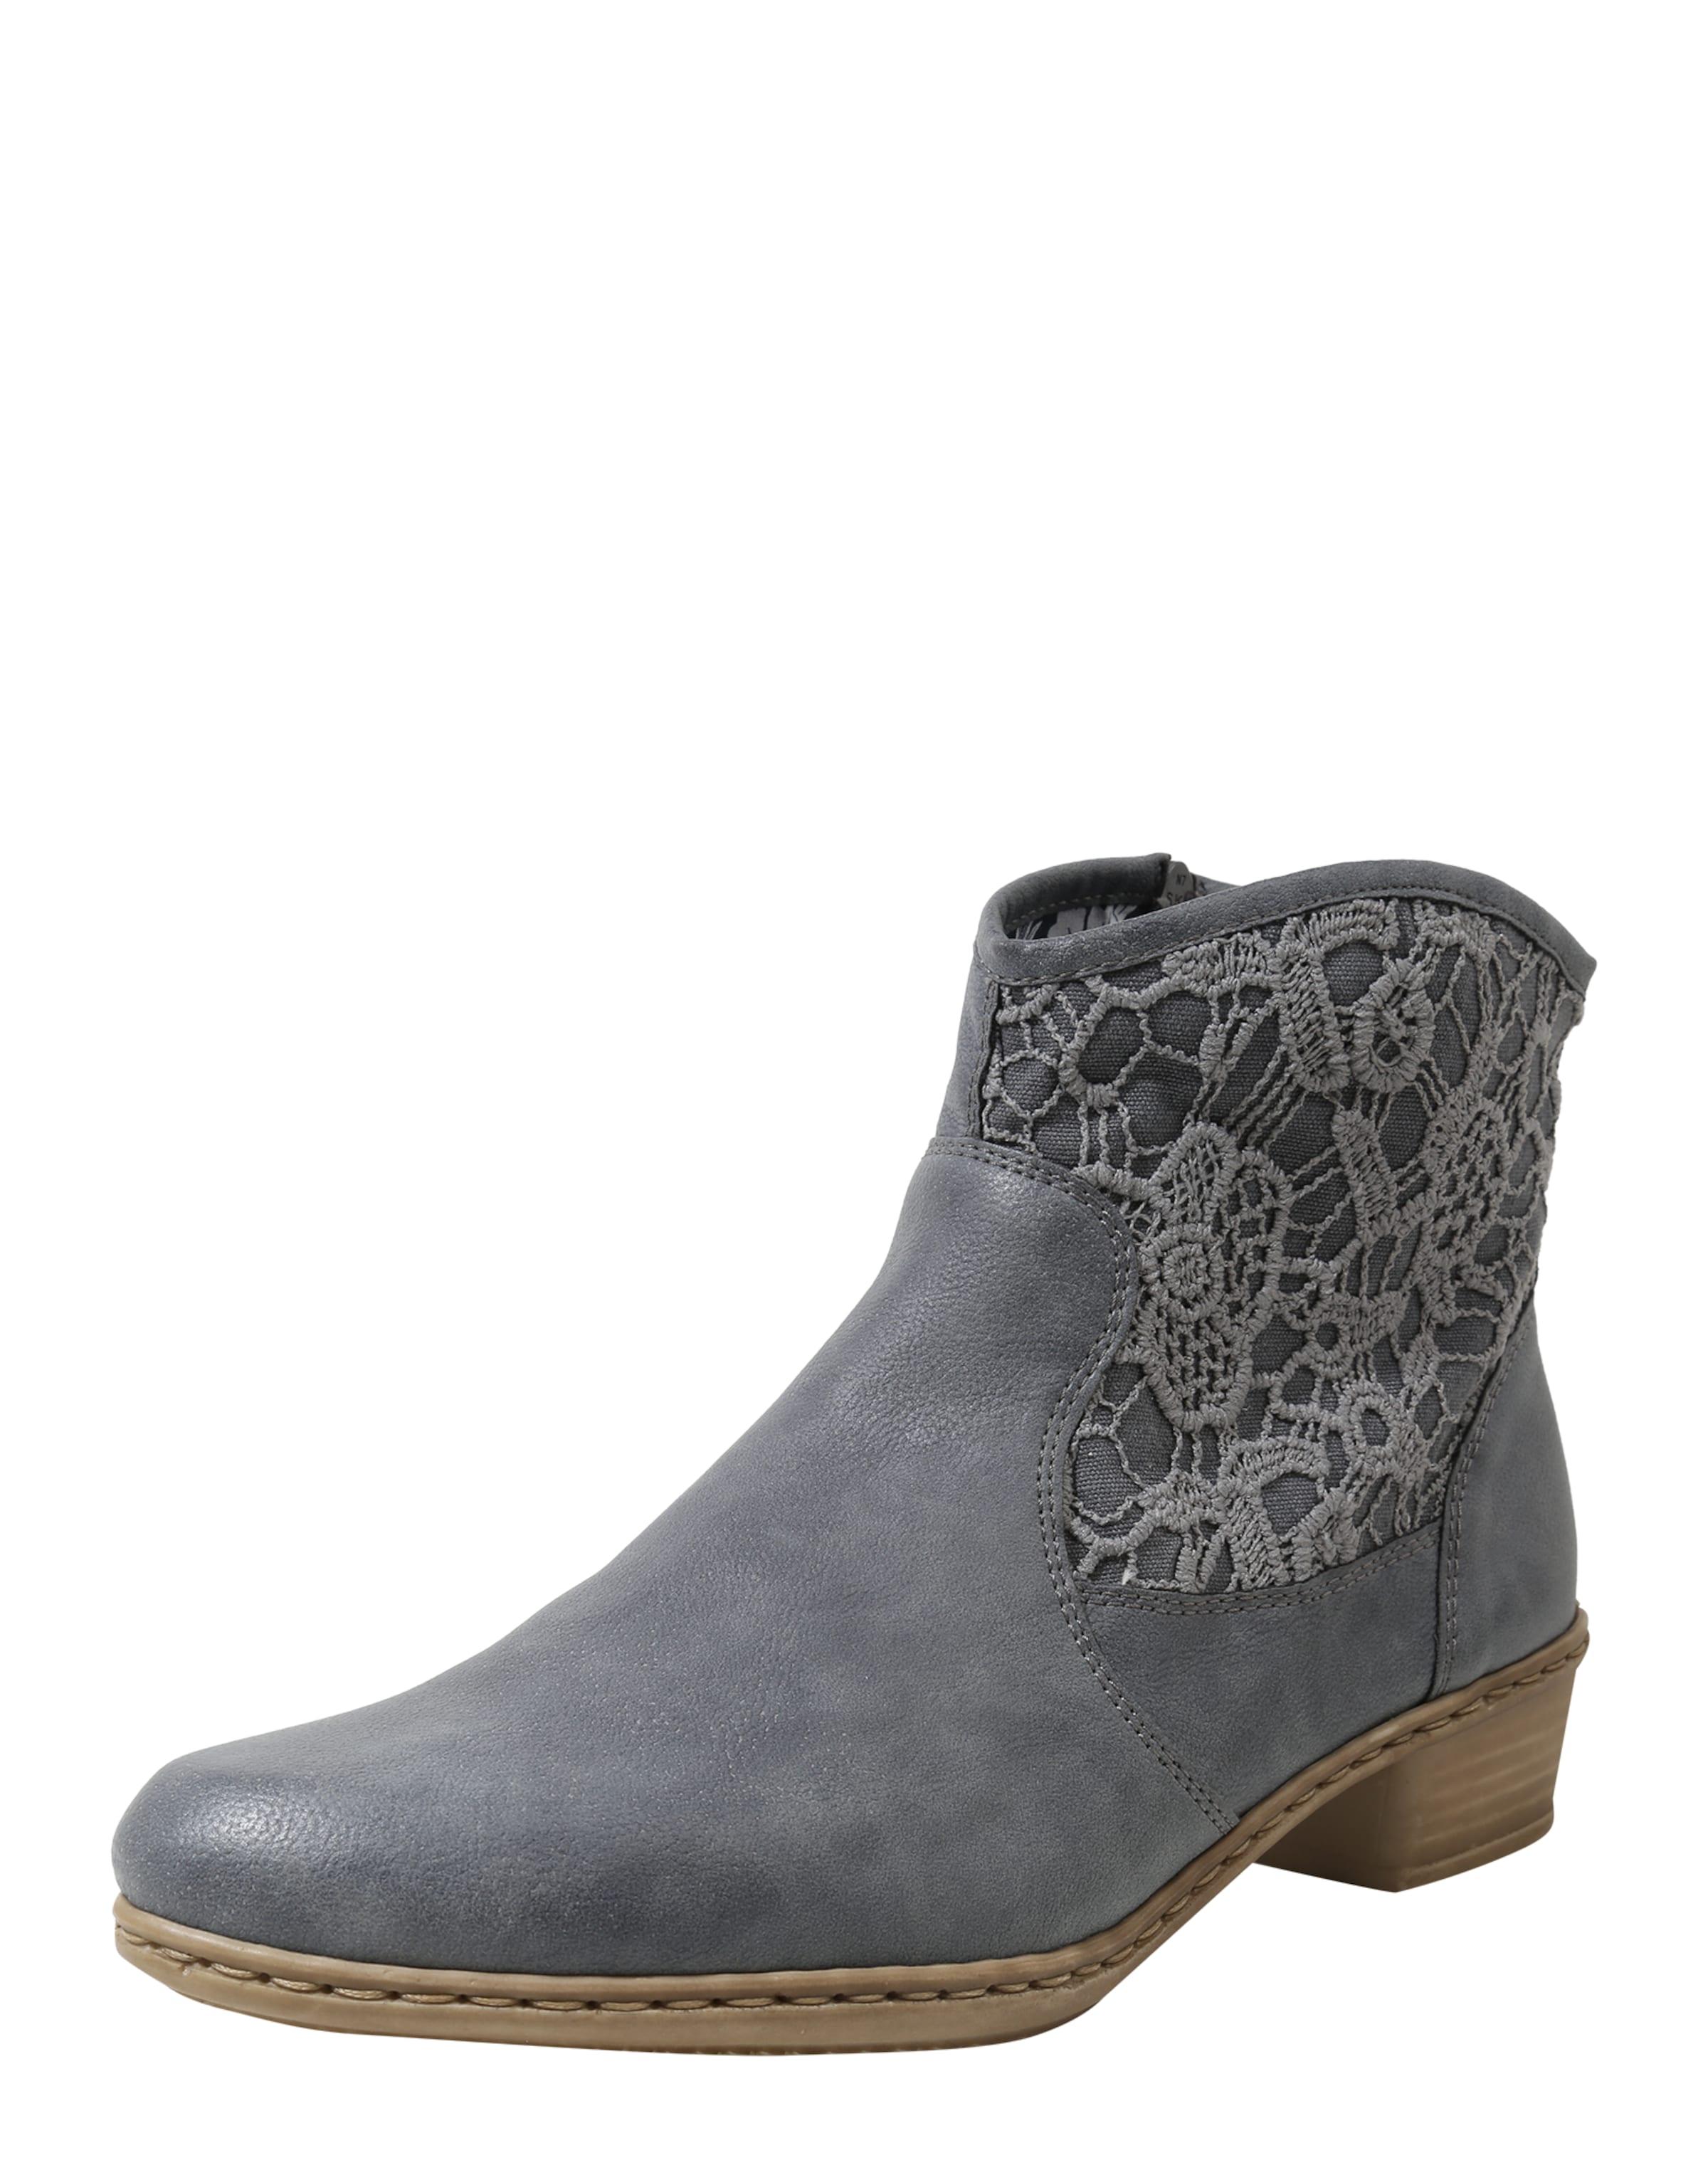 RIEKER Stiefelette mit Stickbesatz Verschleißfeste billige Schuhe